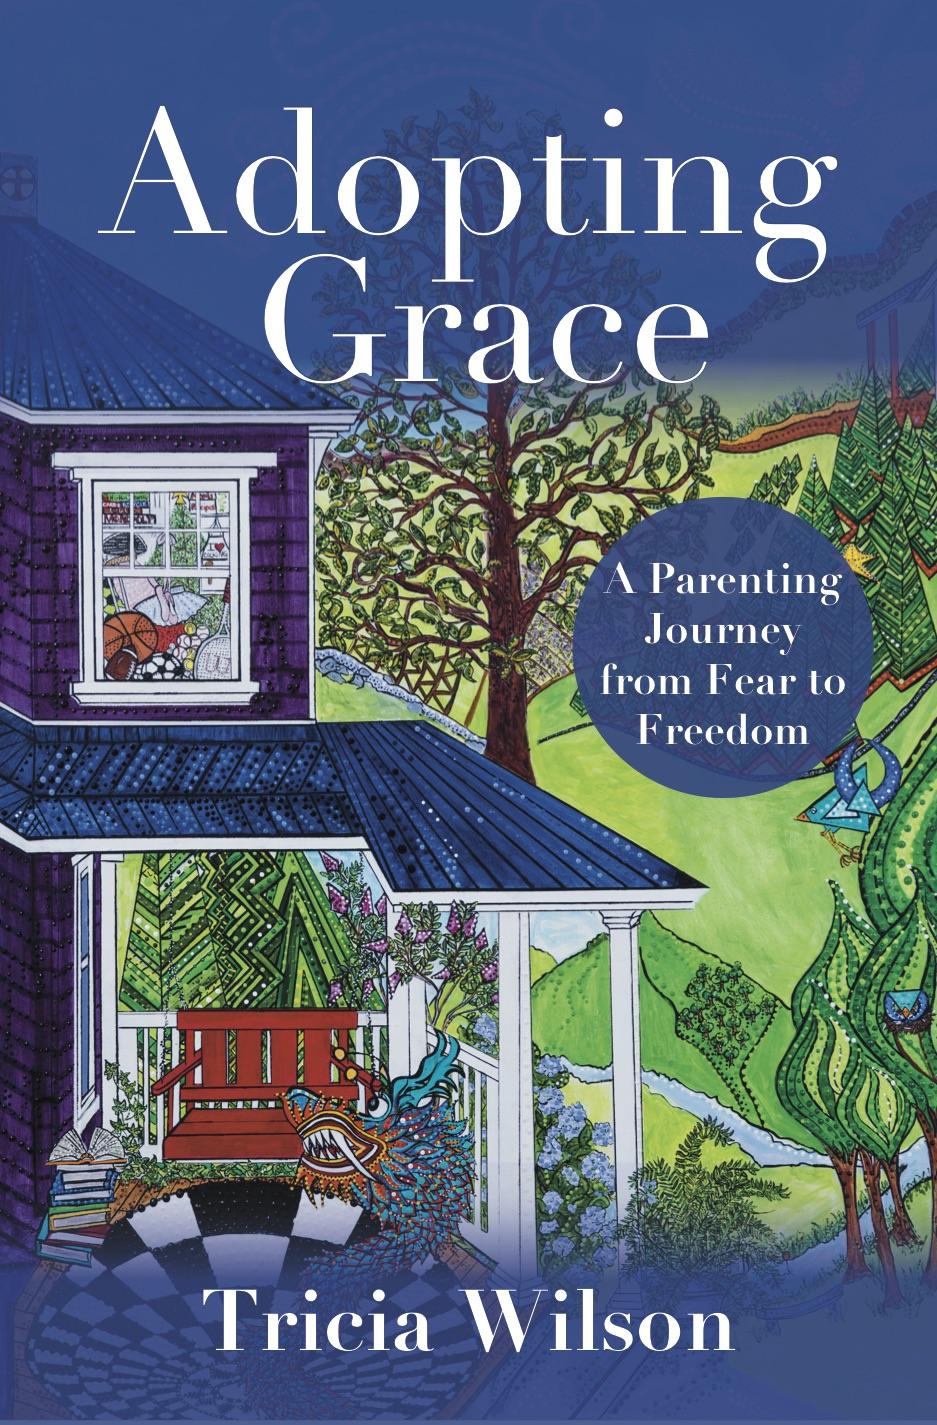 Adopting Grace Cover - FINAL.jpg